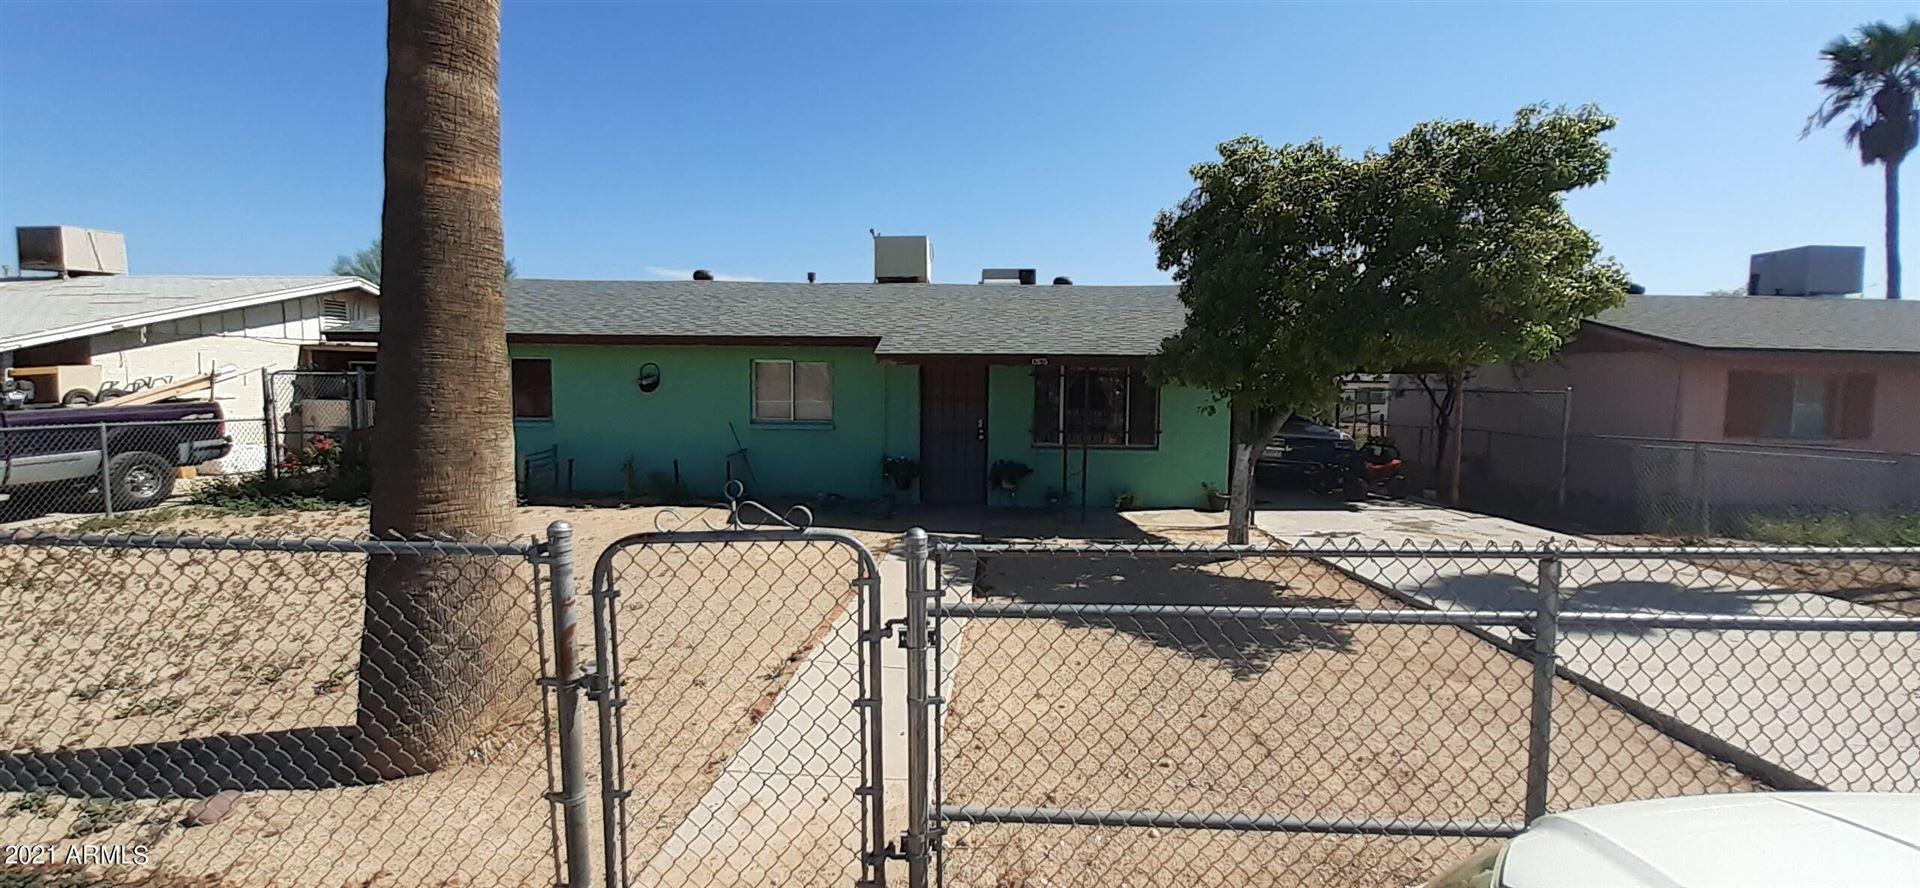 12625 W ELWOOD Street, Avondale, AZ 85323 - MLS#: 6276723